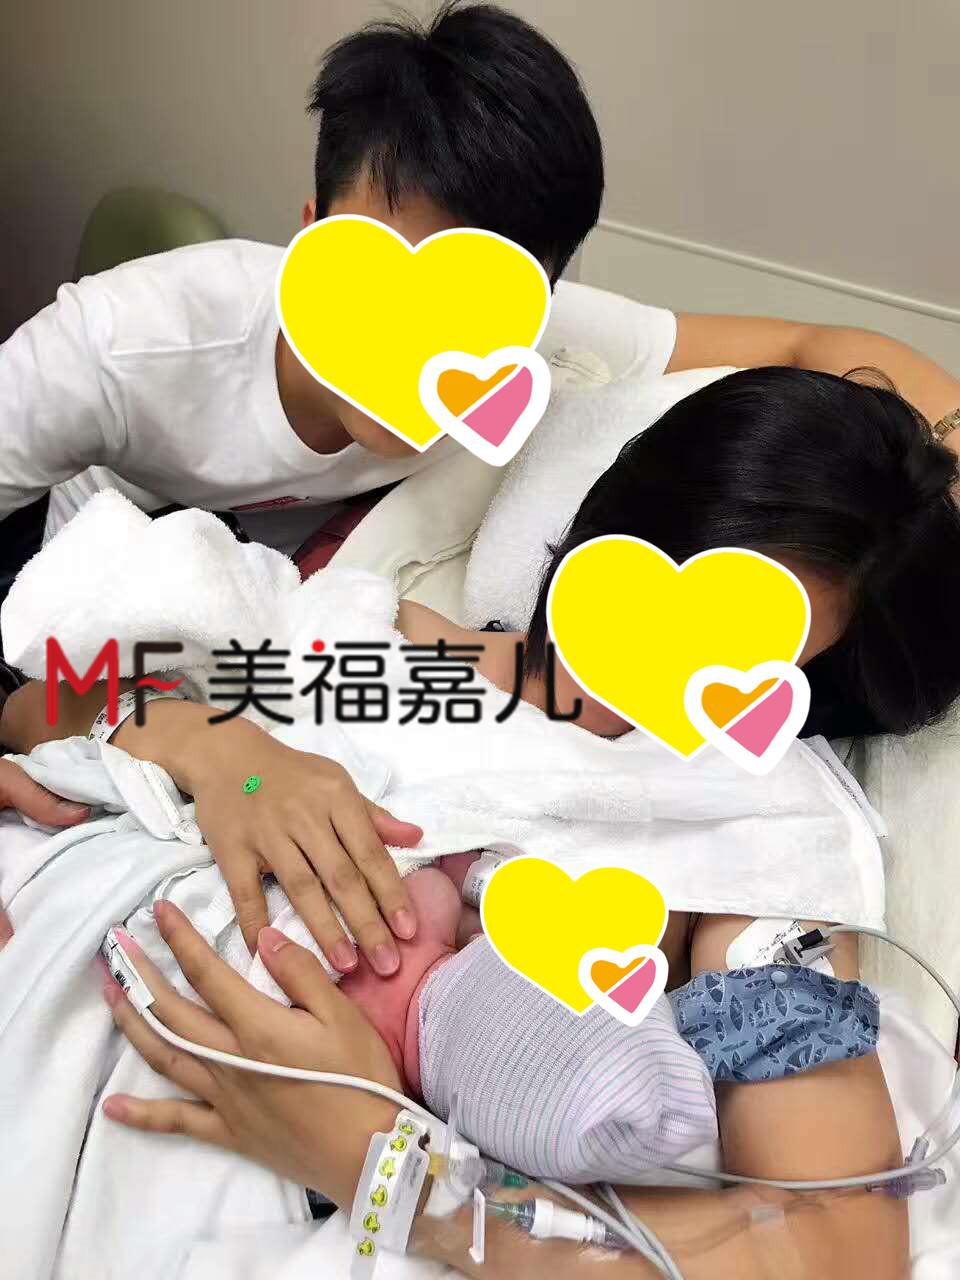 36岁高龄孕妈赴美生子实录,当妈妈的女人都不易!